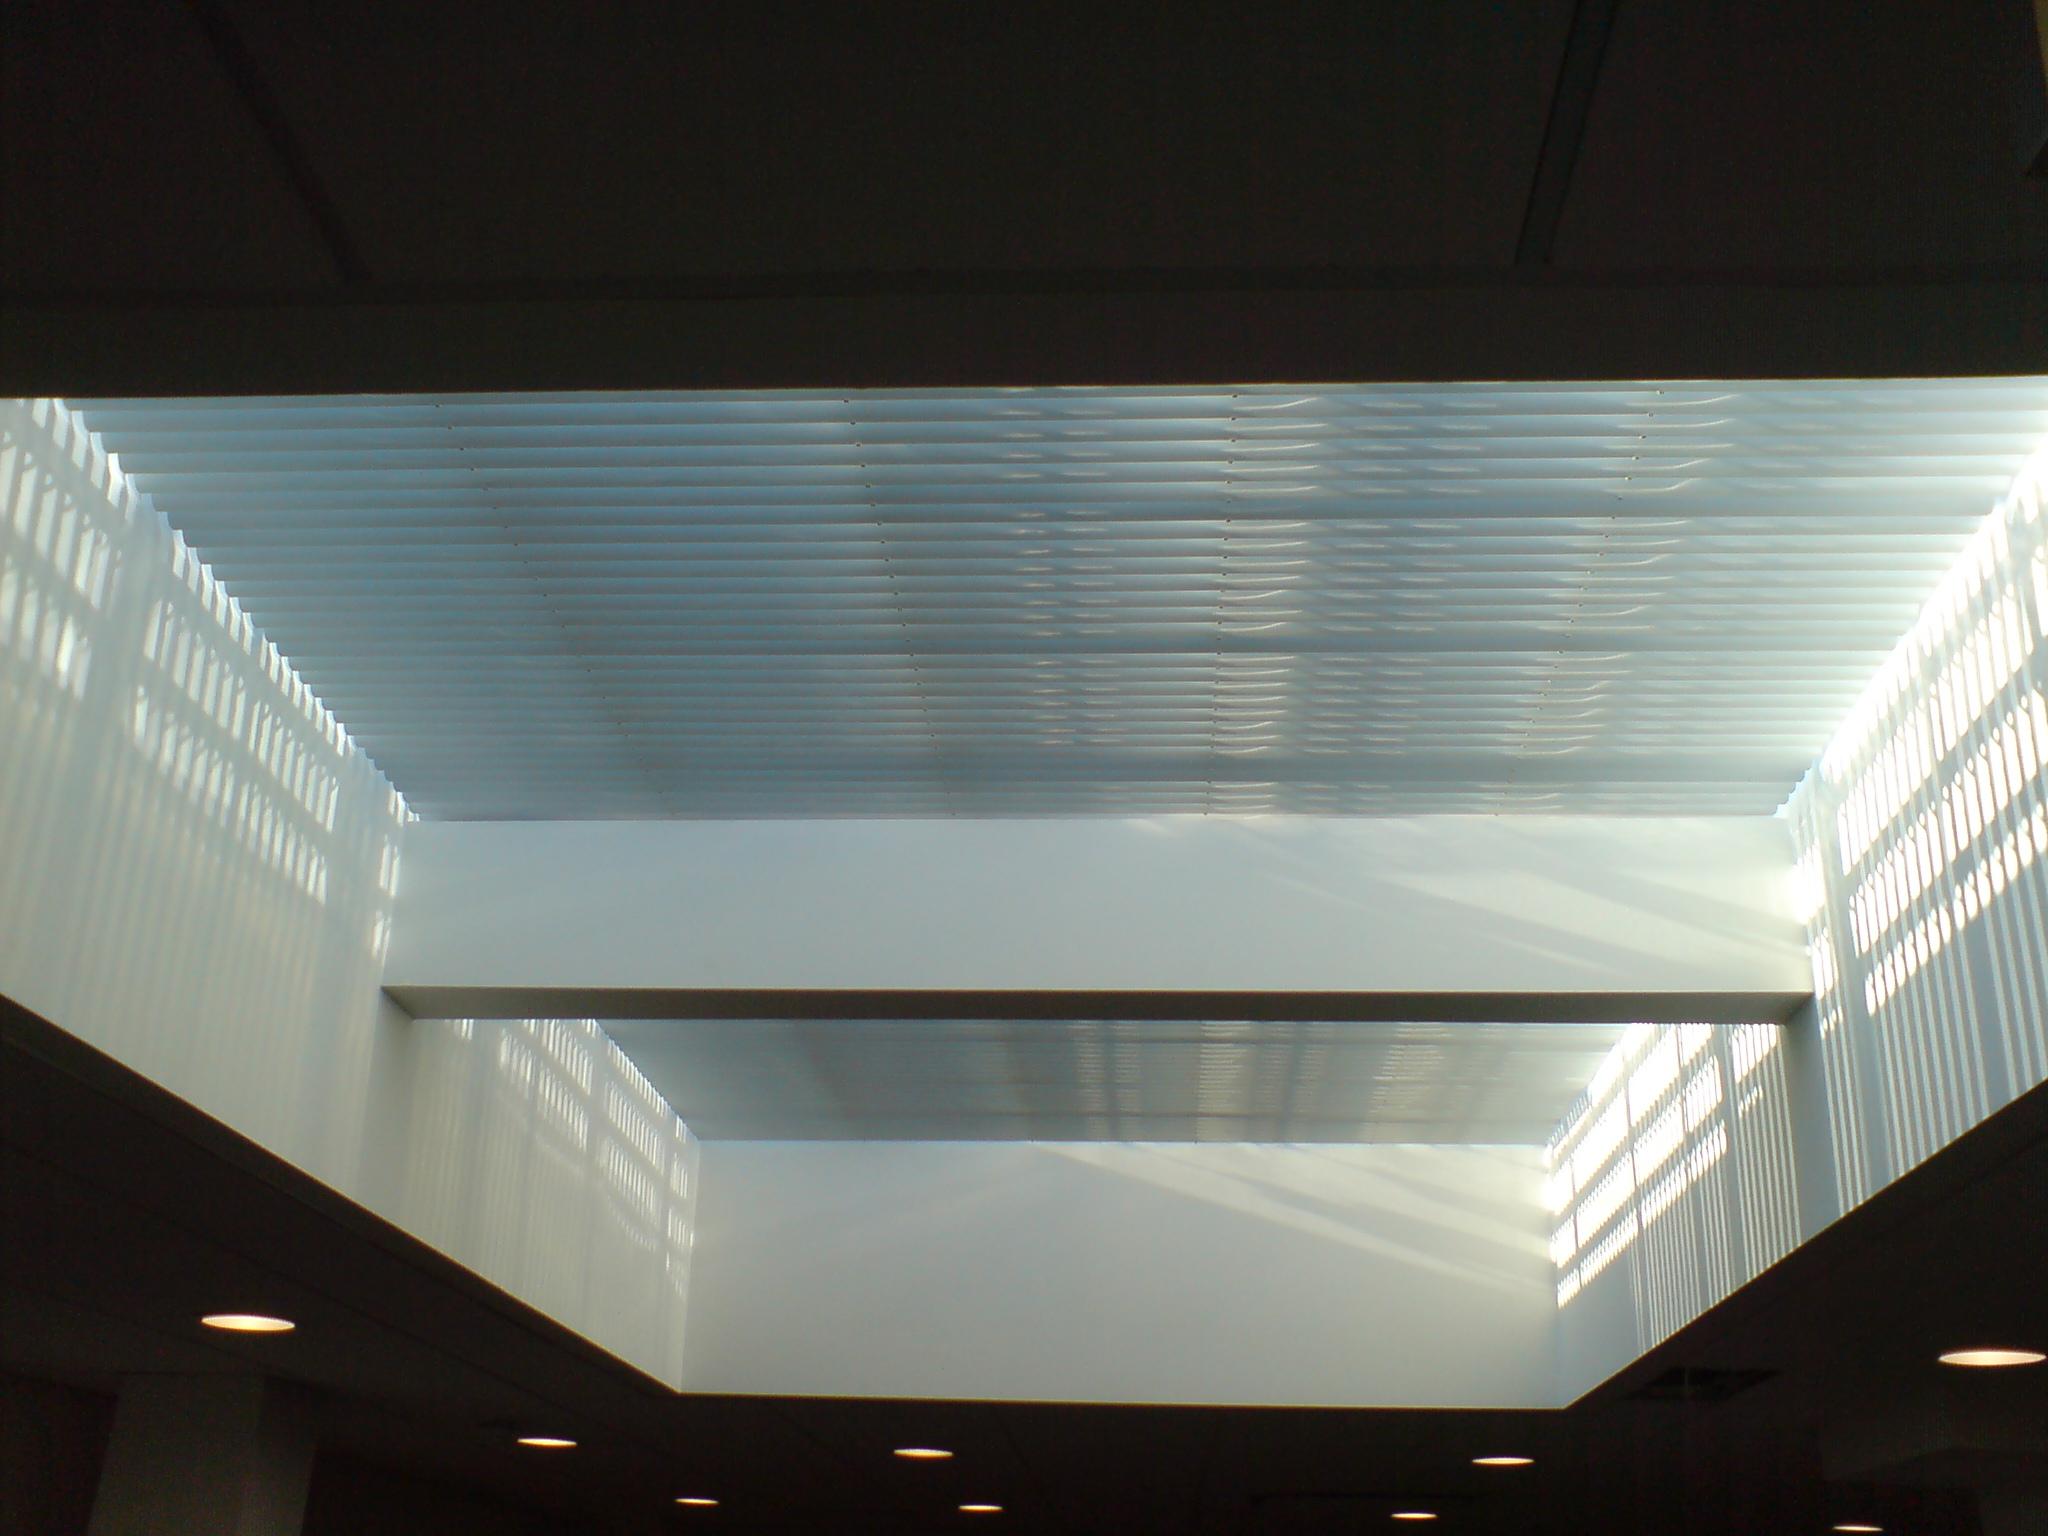 Rackarm skylight closed